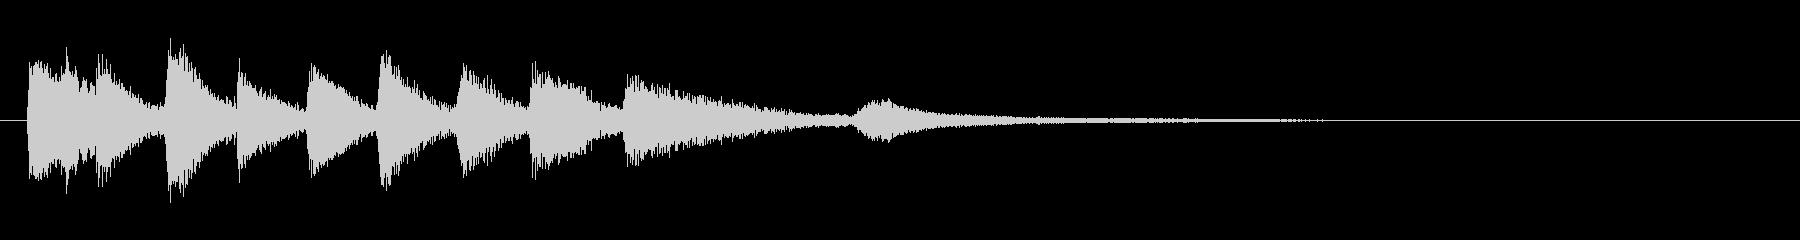 ピアノの明るいジングル・場面転換の未再生の波形